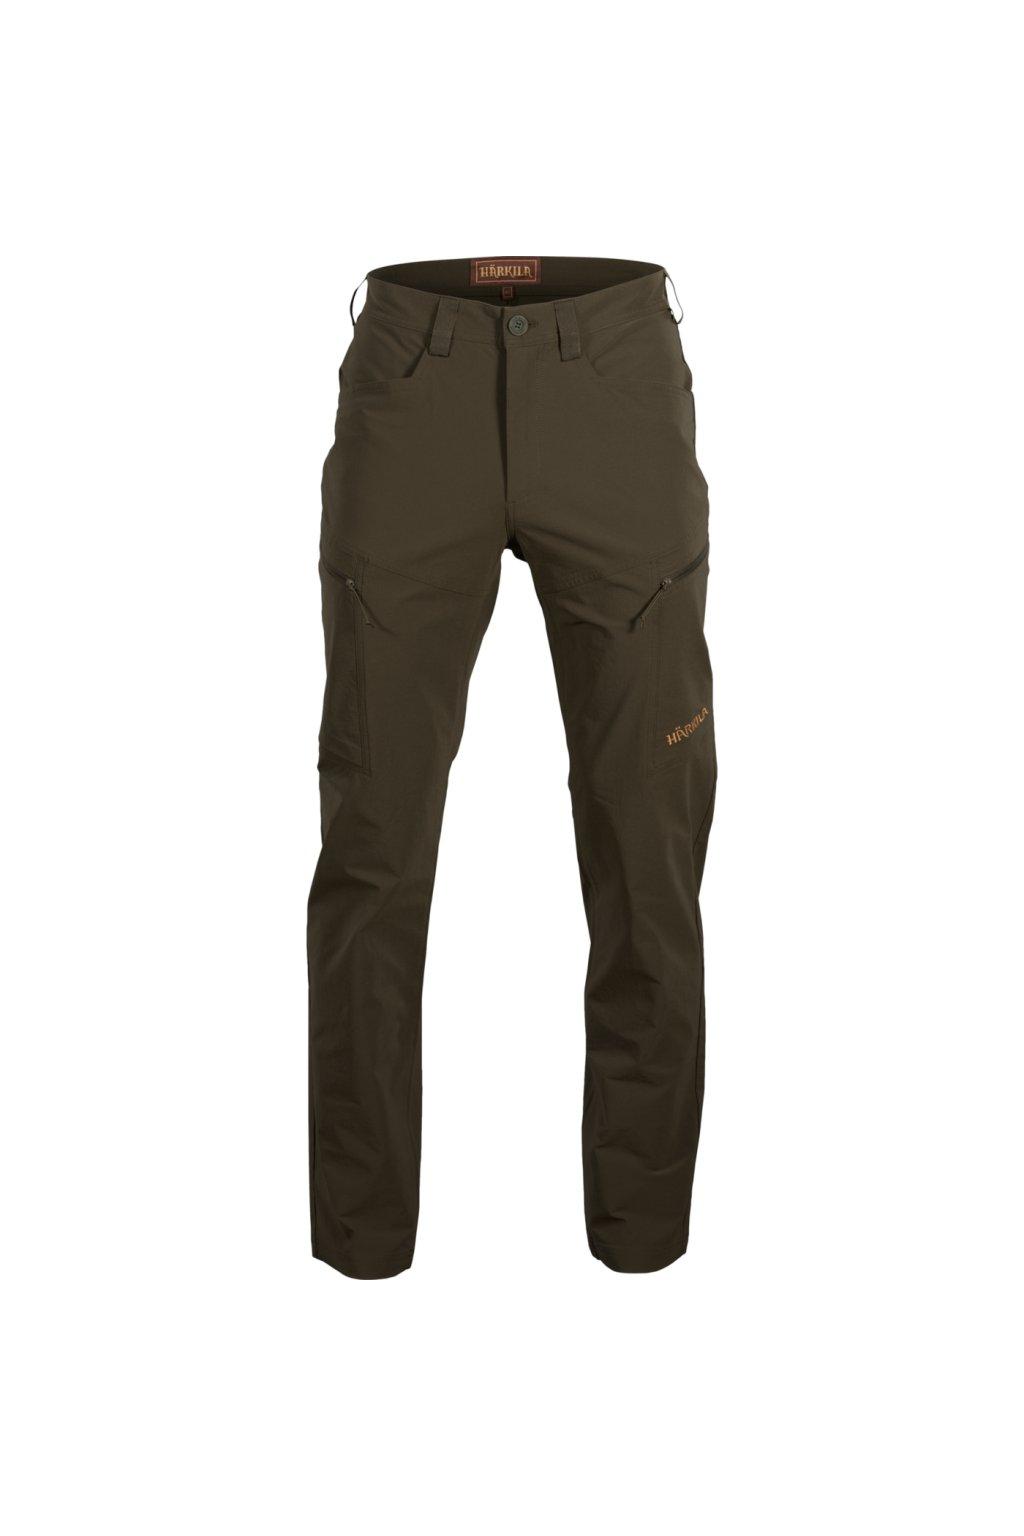 HÄRKILA - Trail kalhoty letní pánské (willow green)insectproof